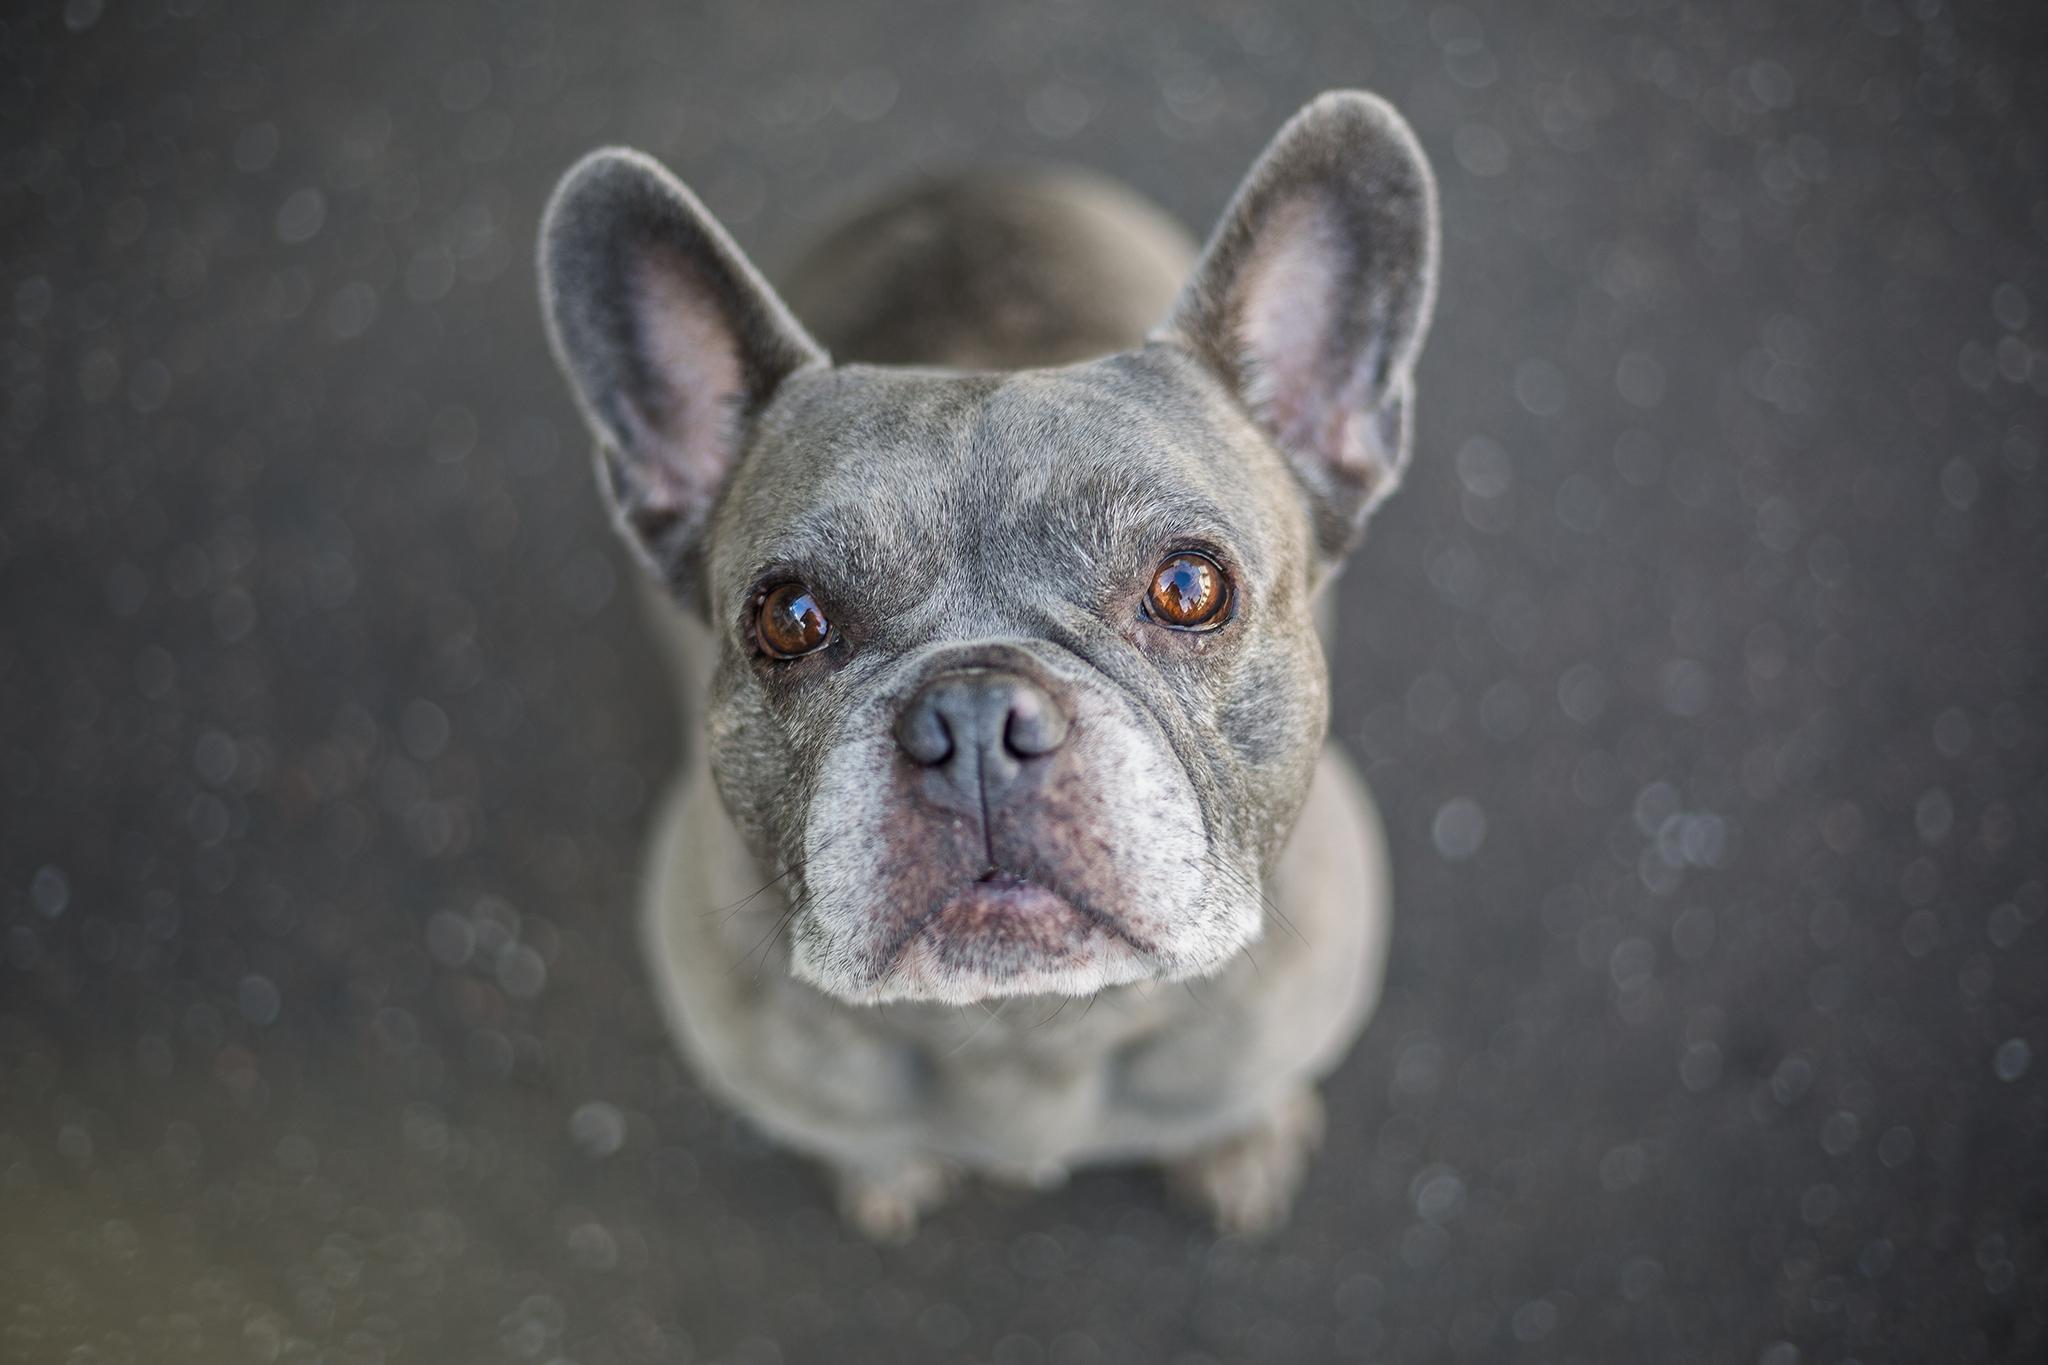 Krusty, die Französische Bulldogge. Foto: Katrin Spanke/ForestFinance